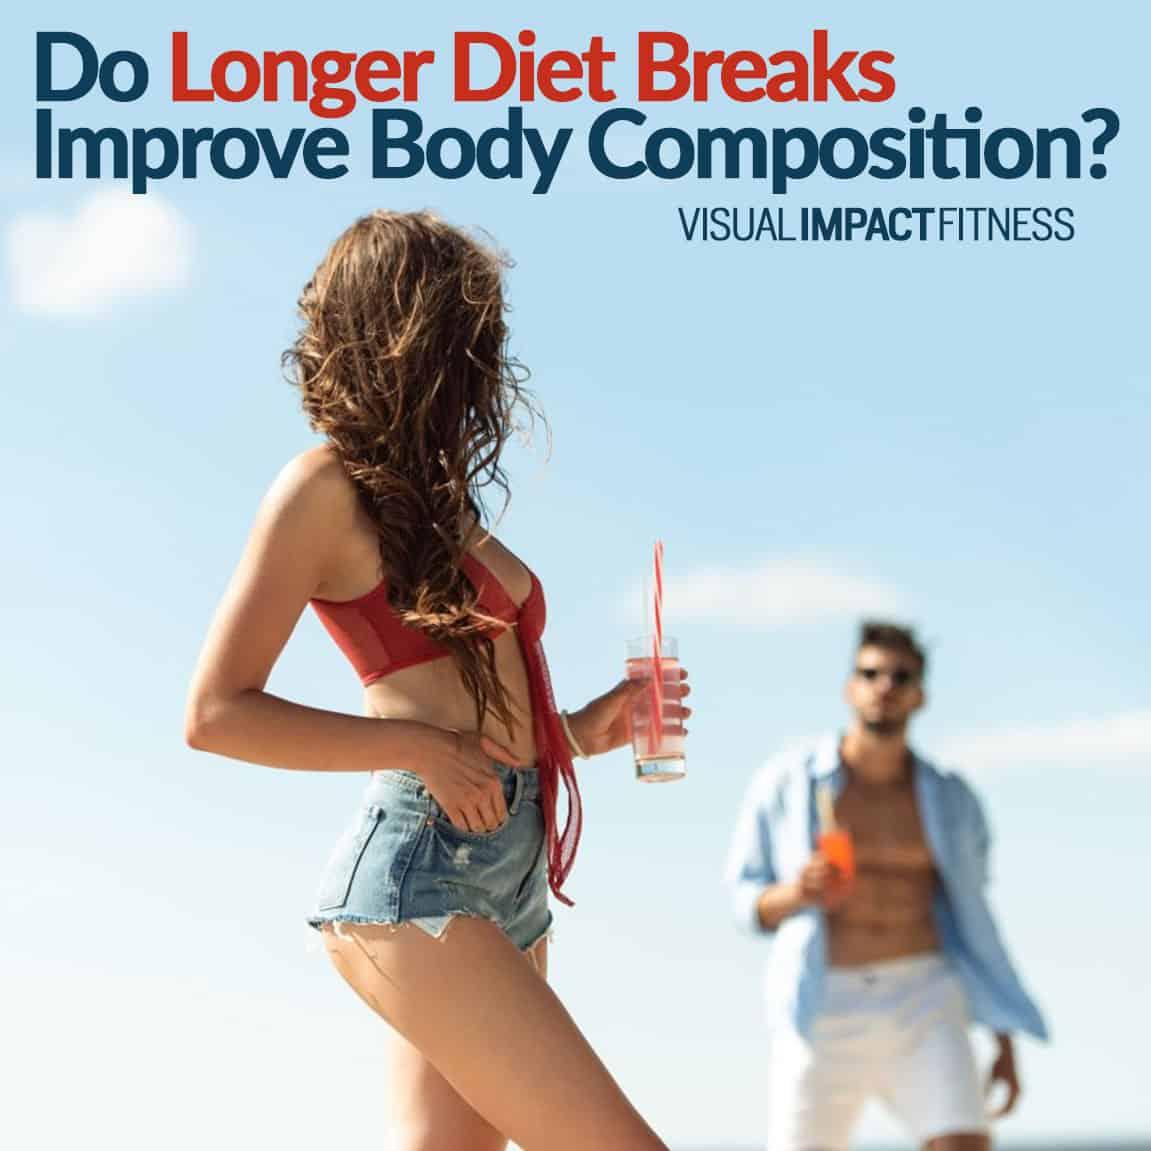 Longer Diet Breaks for Better Body Composition?